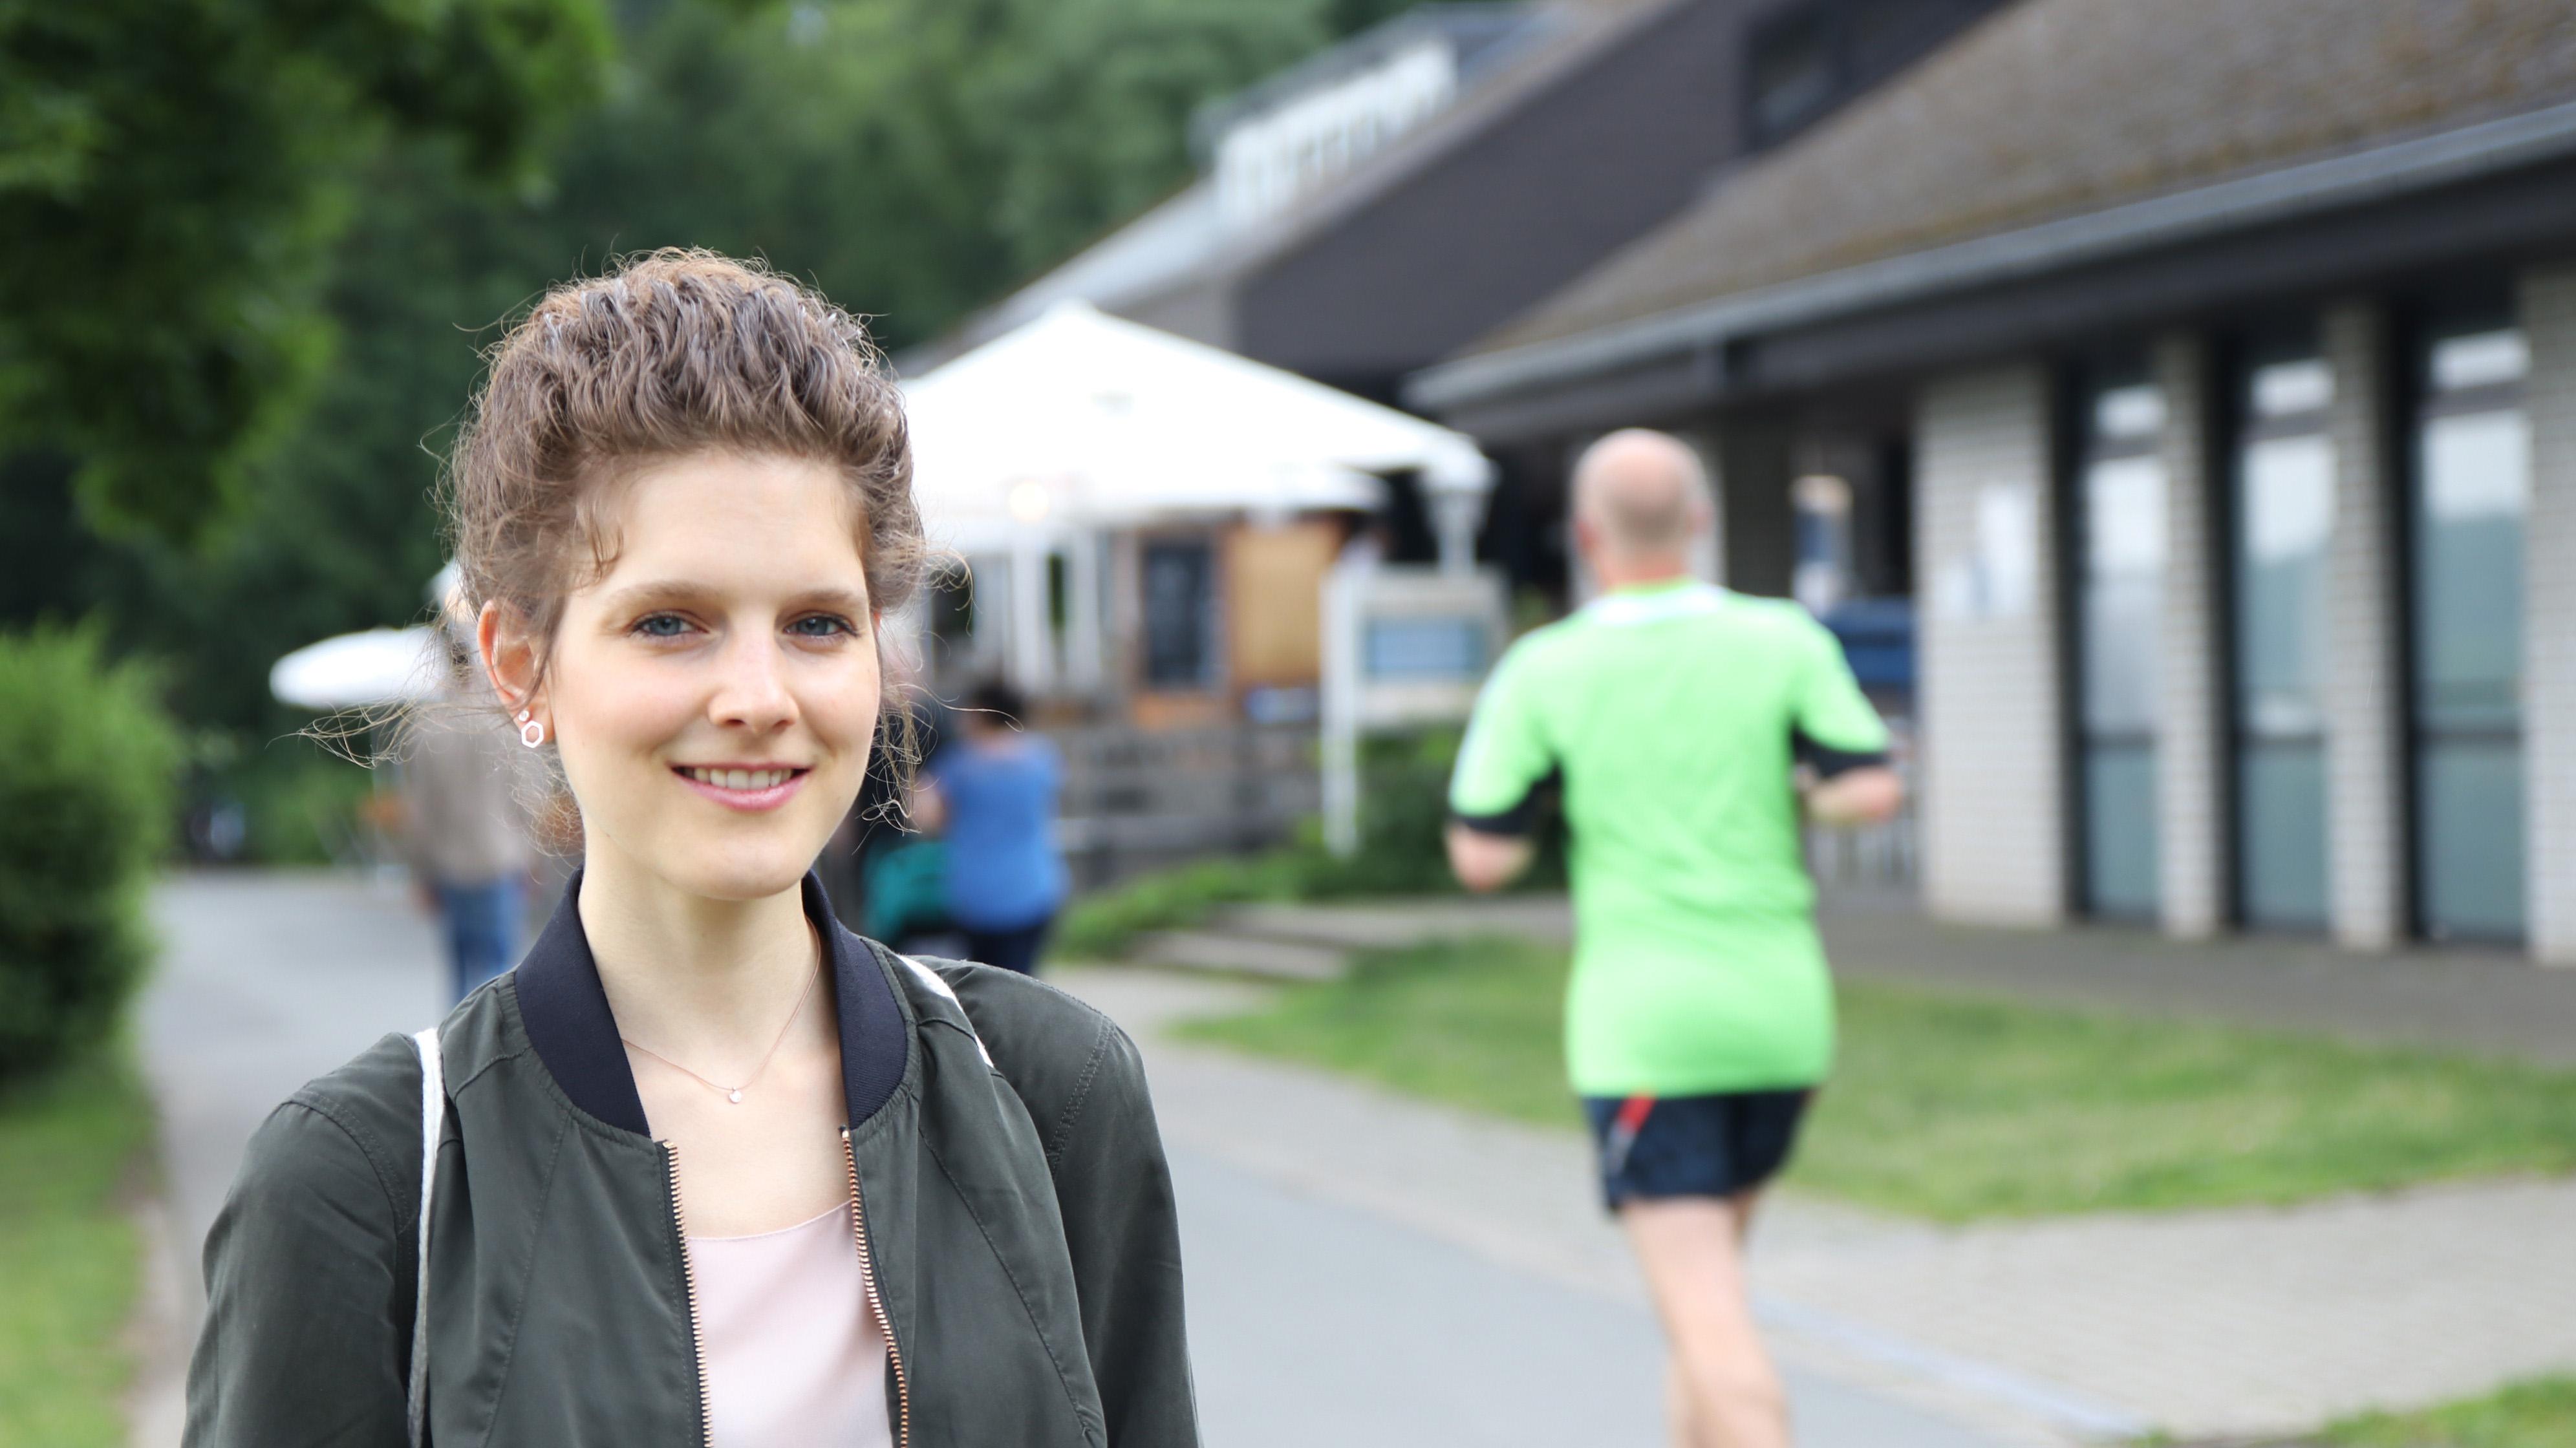 Christina Brachthäuser, Absolventin der FH Münster, steht am Aasee, rechts von ihr joggt ein Mann vorbei, hinter ihr ist eine Gaststätte.